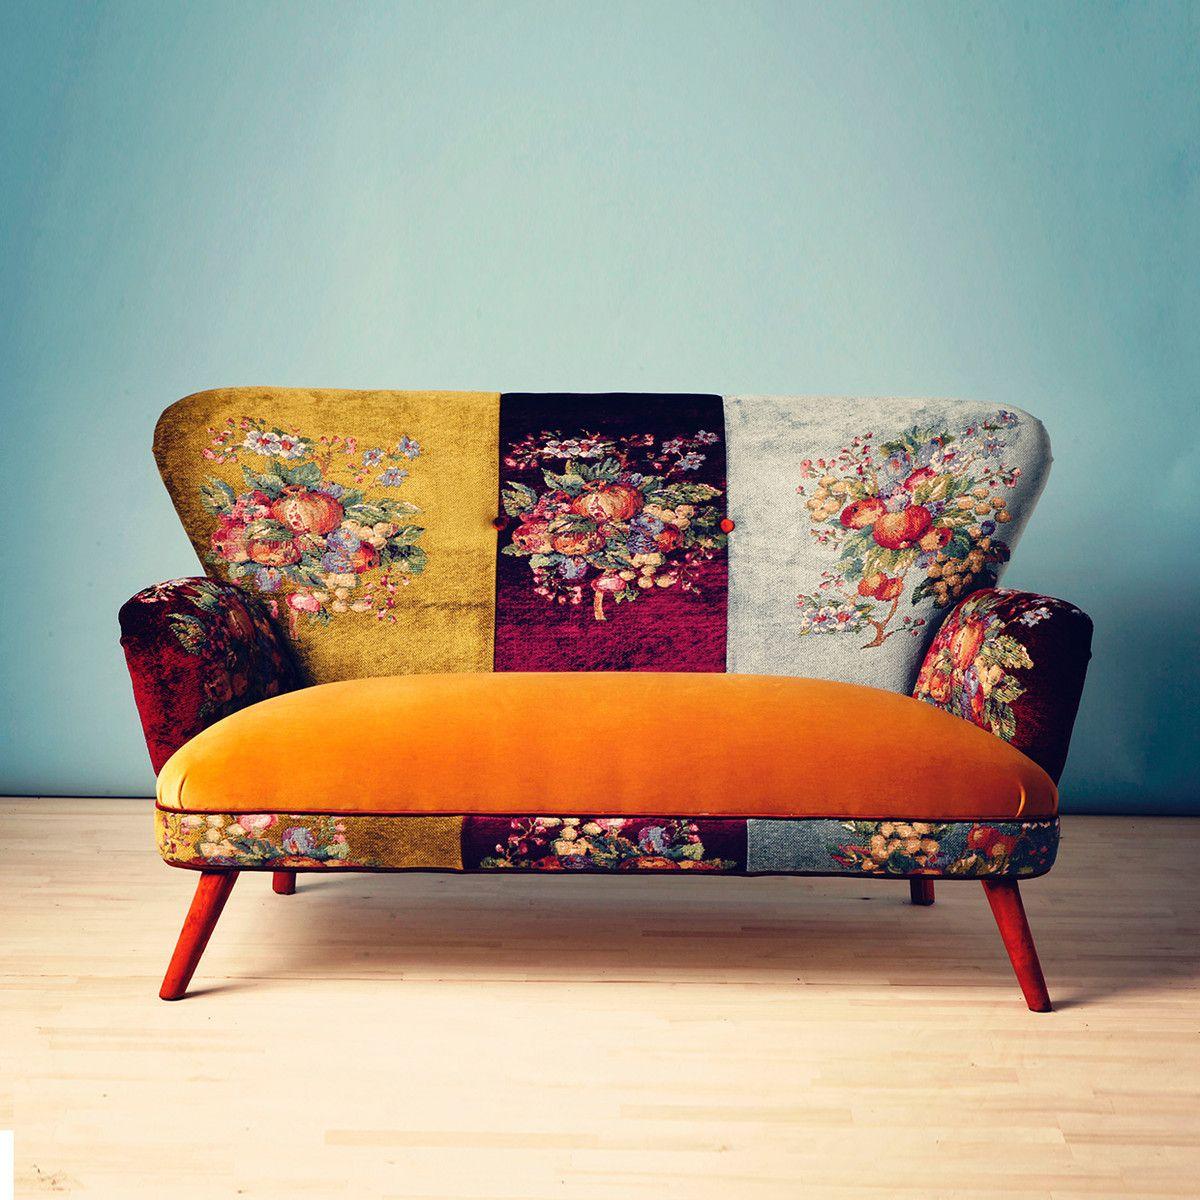 eu sofa gobelin senfgelb furniture i like pinterest m bel senfgelb und ohrensessel. Black Bedroom Furniture Sets. Home Design Ideas